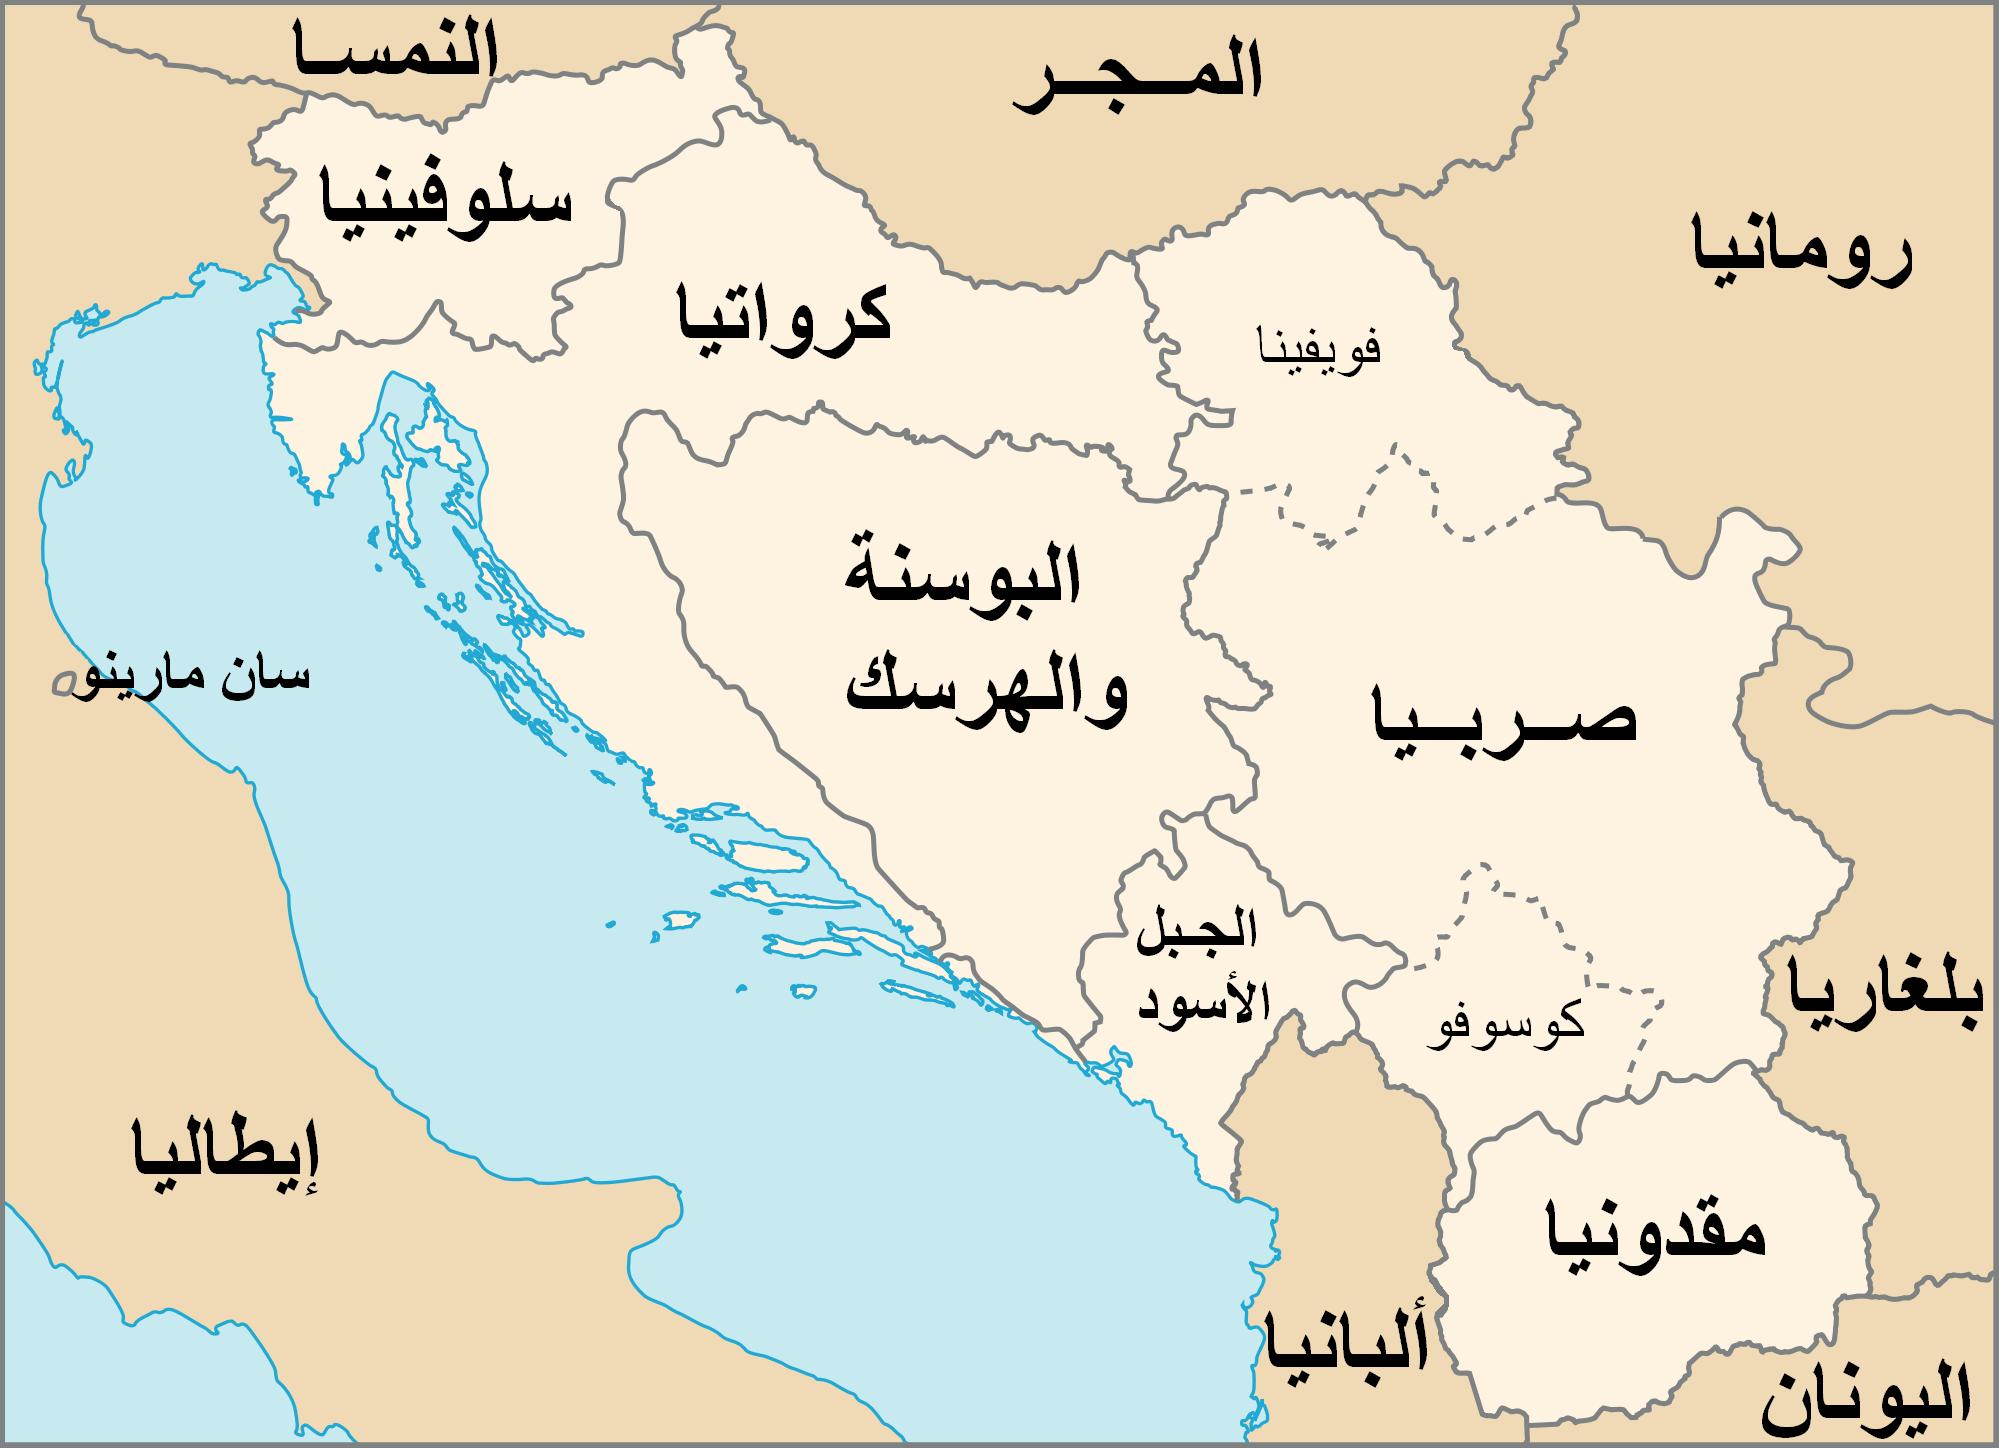 خريطة كرواتيا